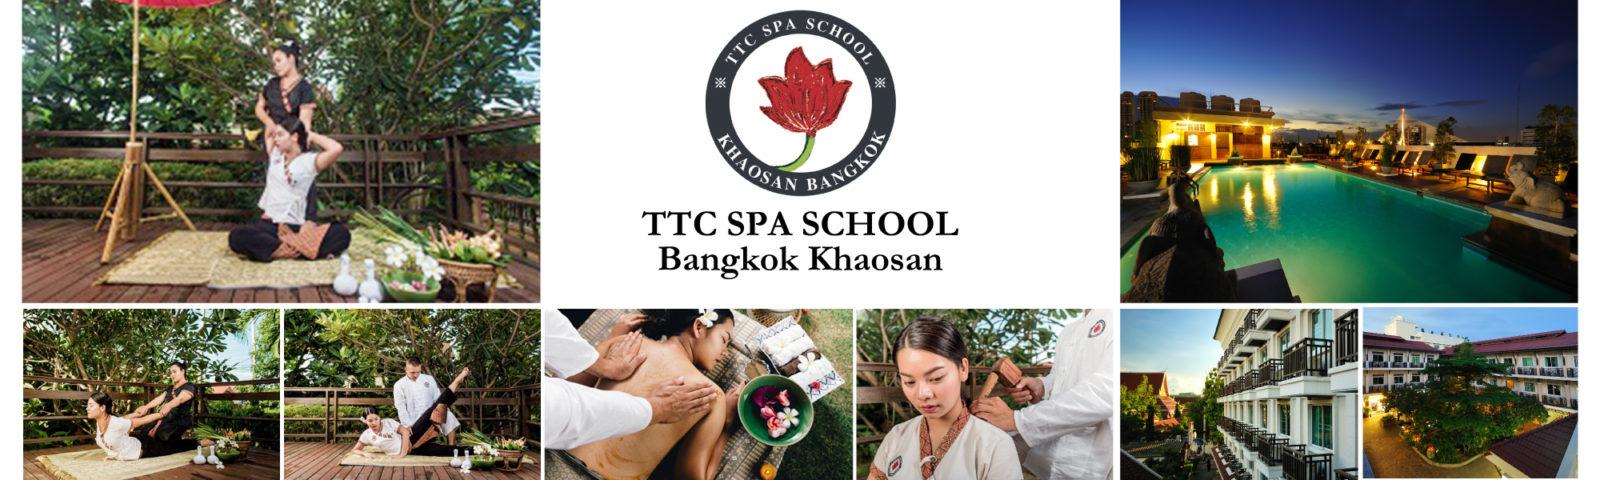 TTC Spa School in Bangkok Khaosan